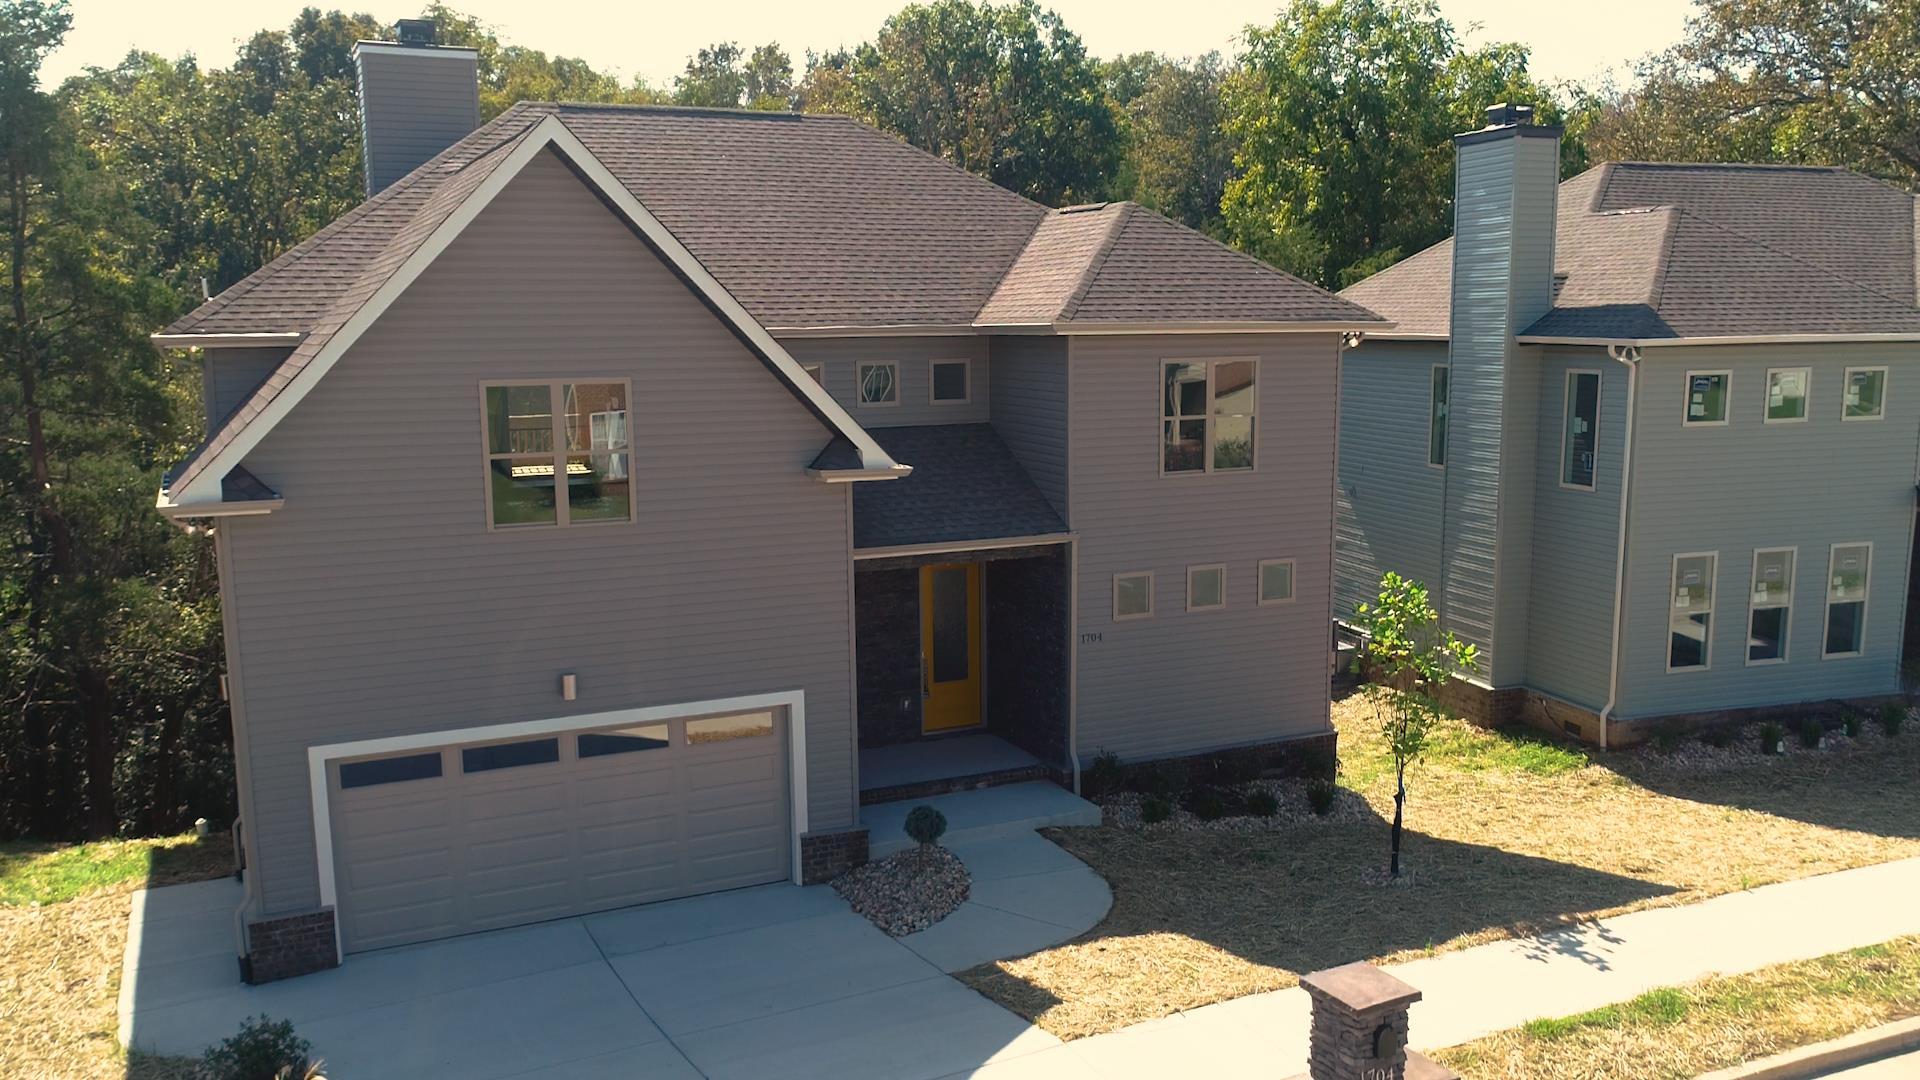 1704 Comanche Run, Madison, TN 37115 - Madison, TN real estate listing